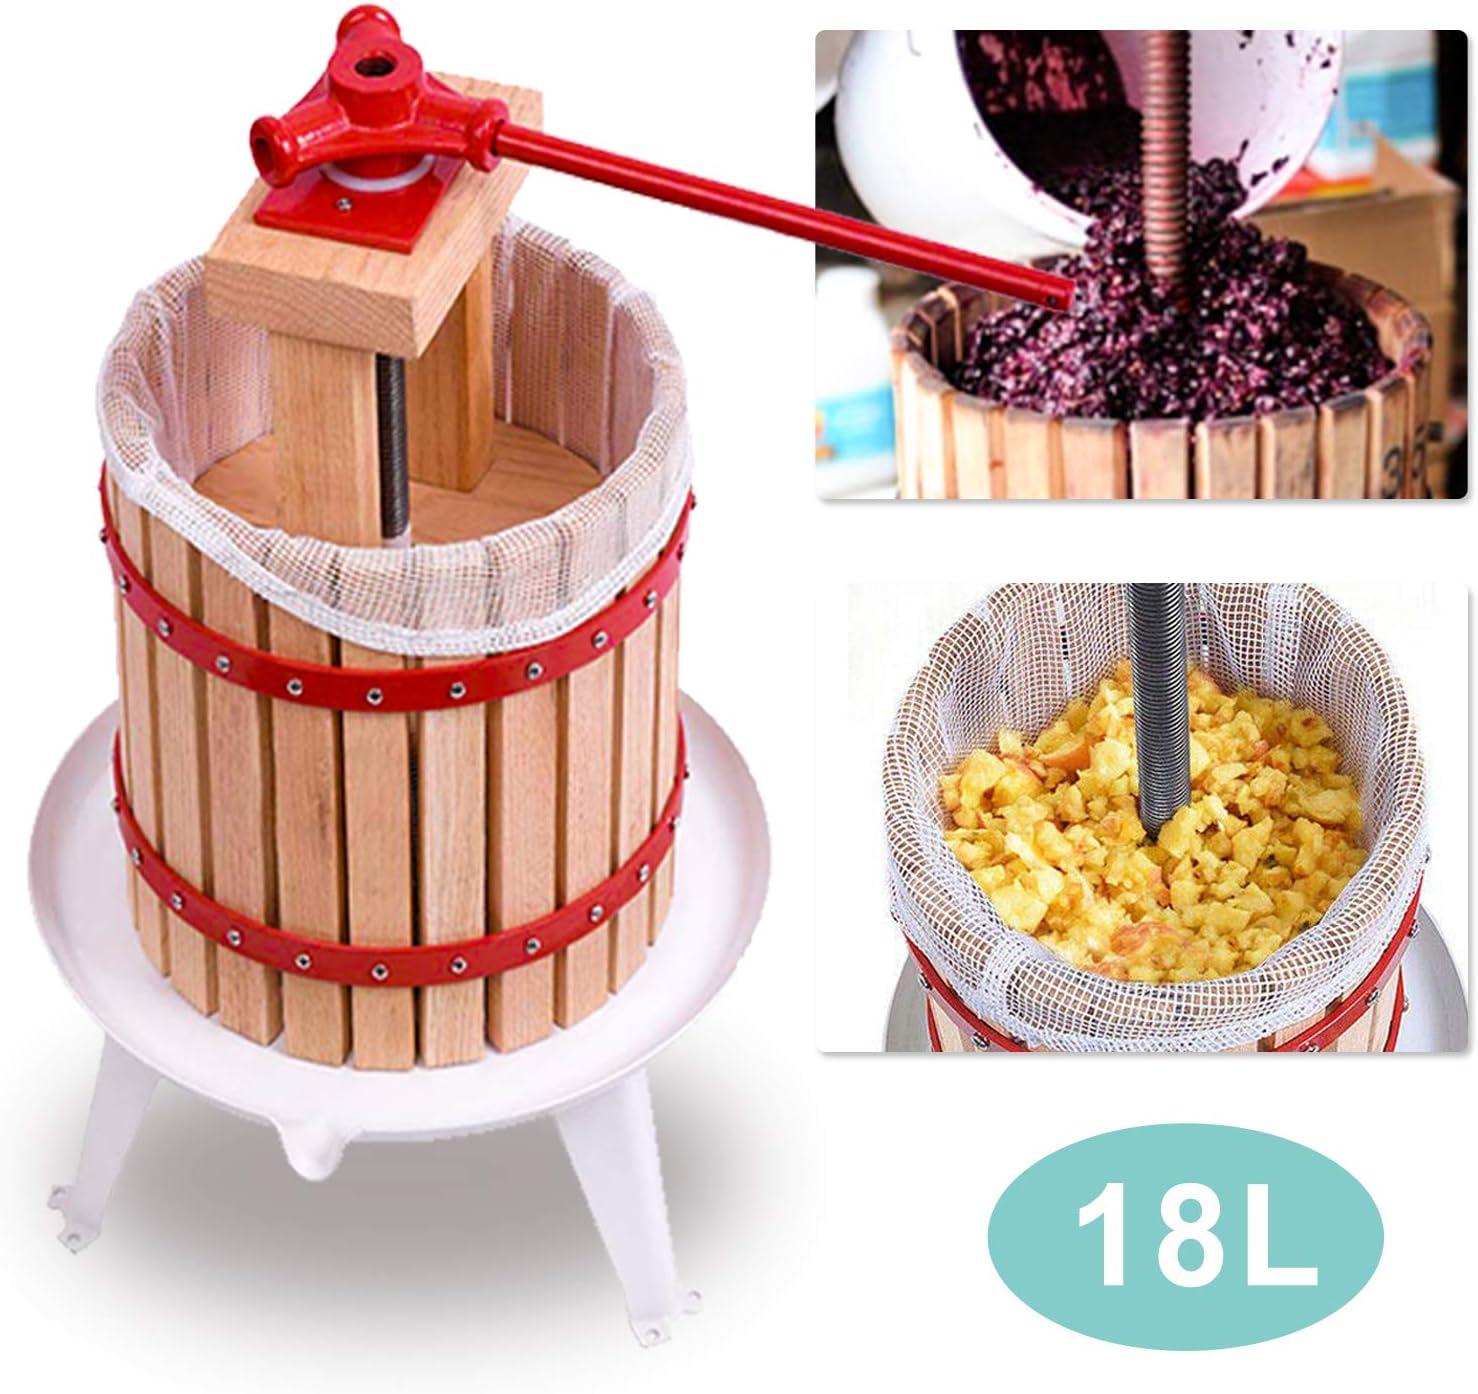 Obstpresse Fruchtentsafter Apfelpresse Pressbeutel Entsafter Obstpresse Saft 18L